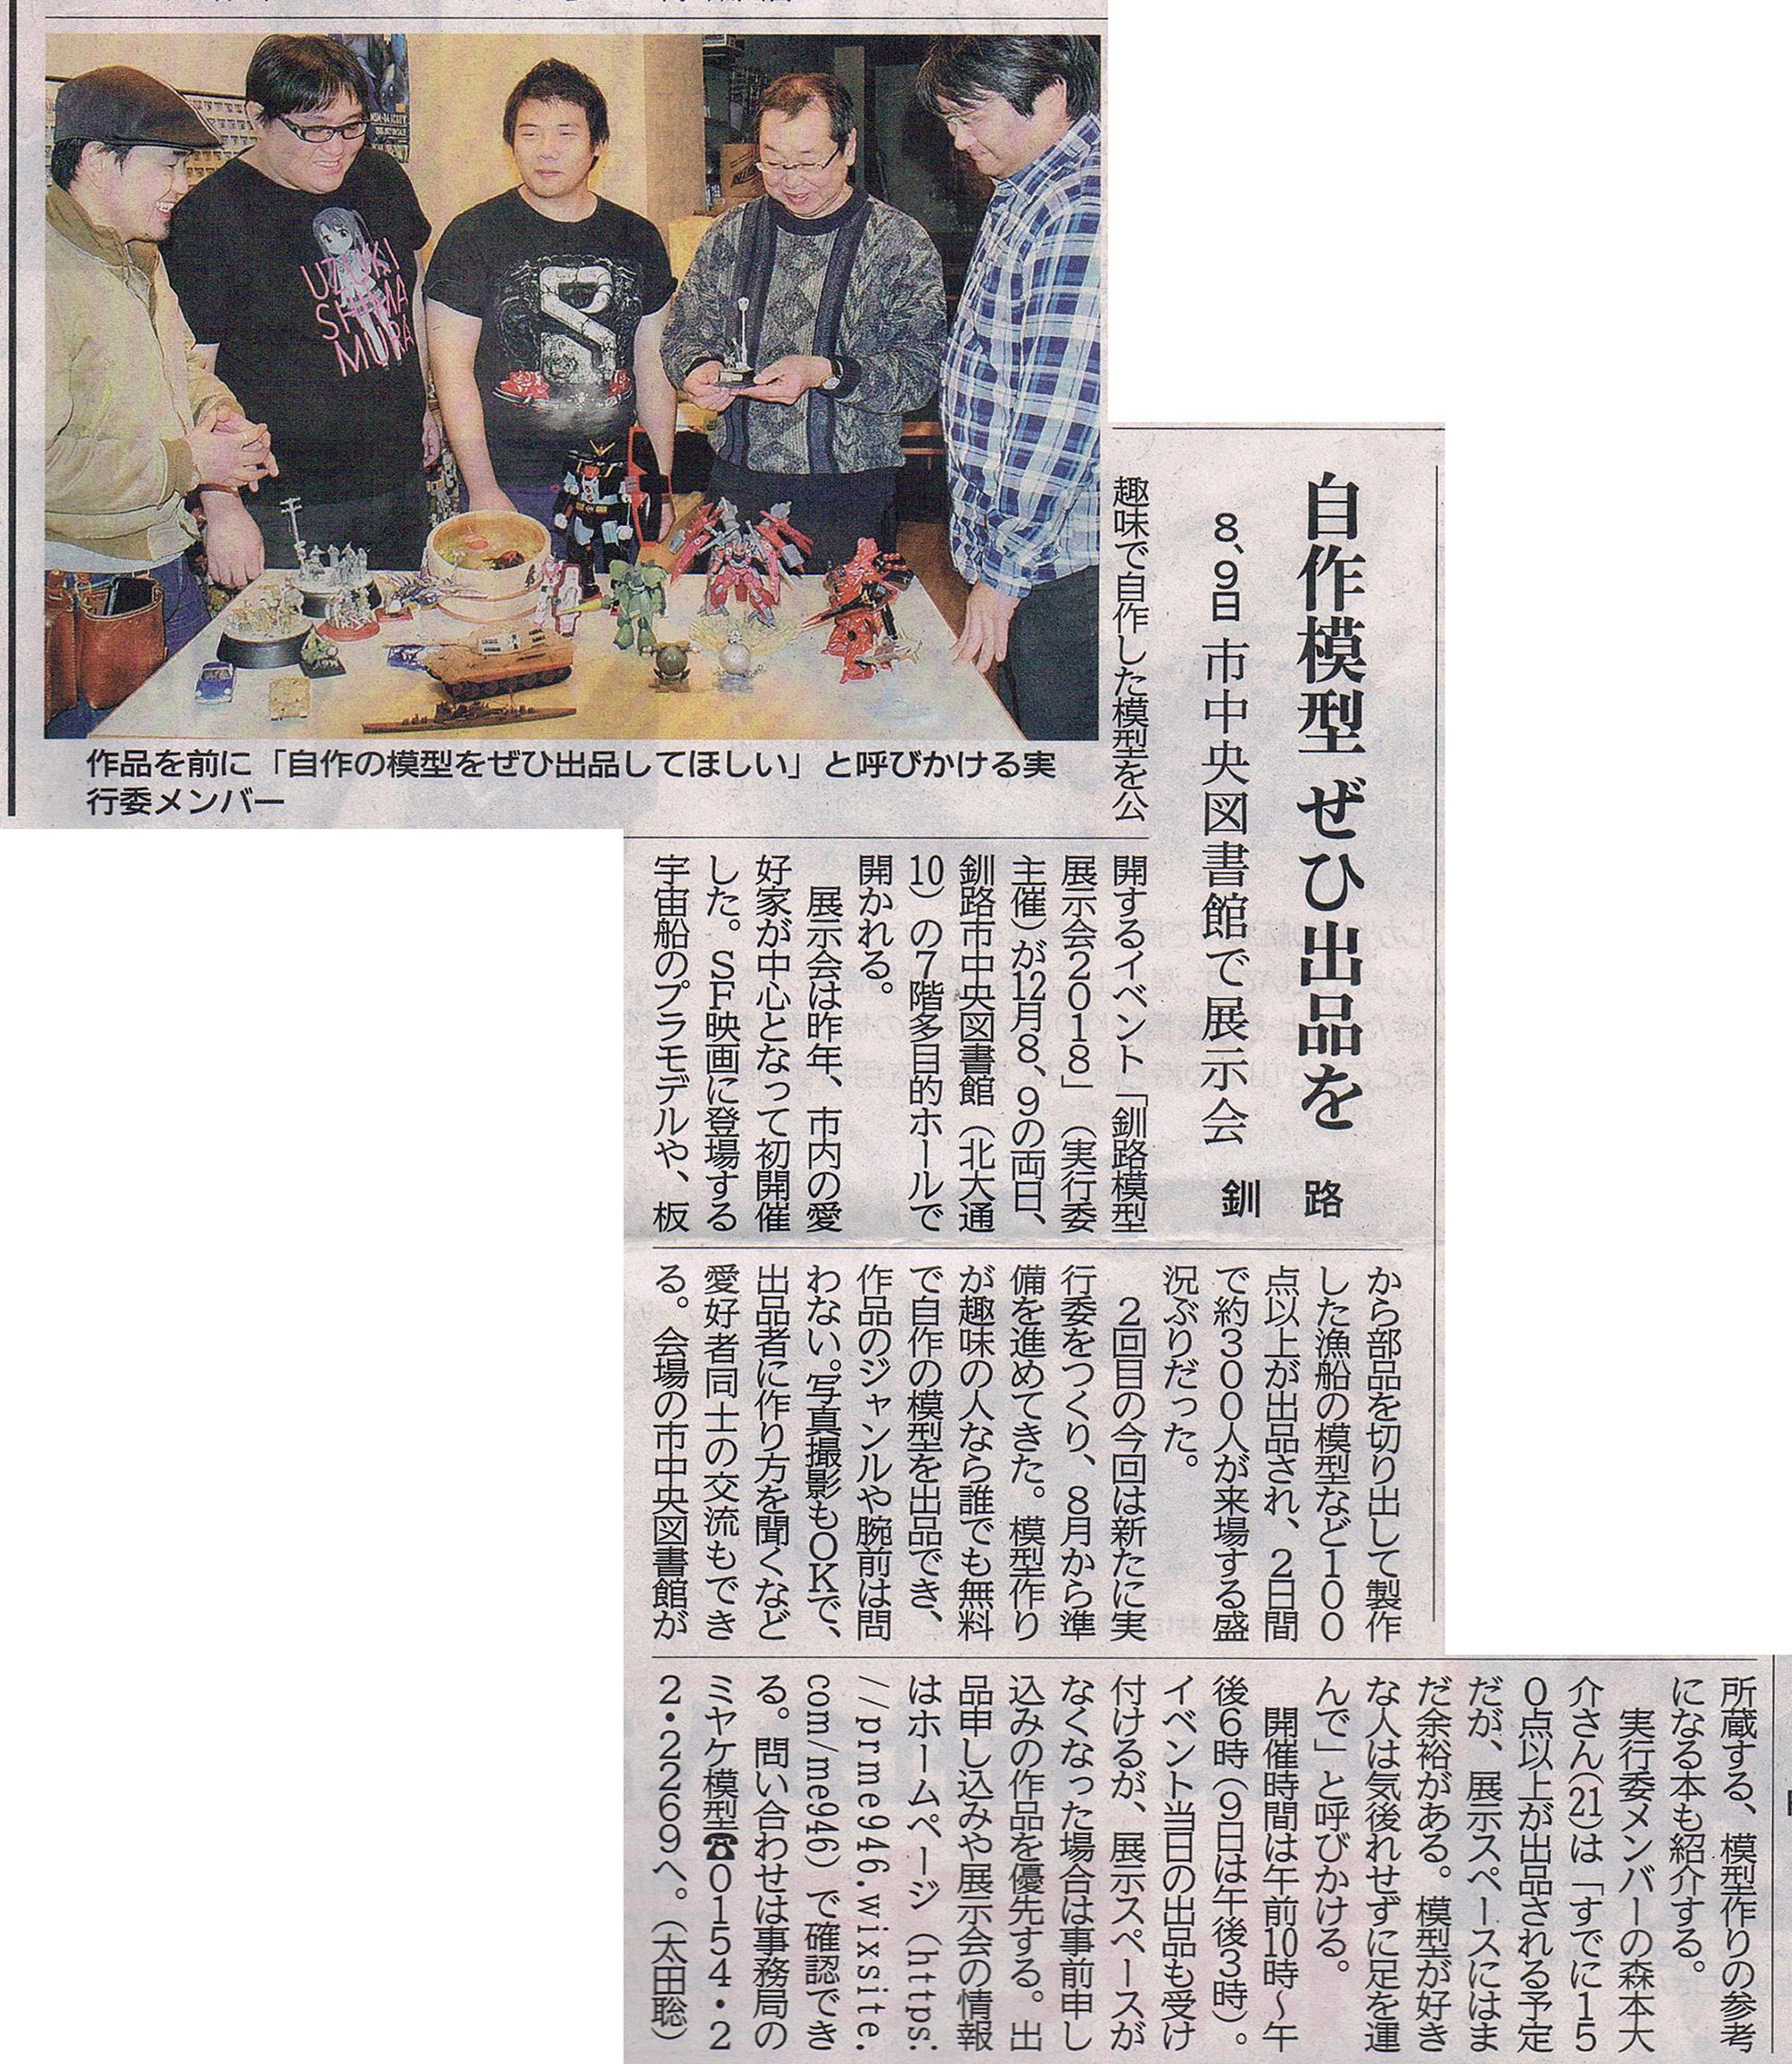 2018-11-28北海道新聞夕刊